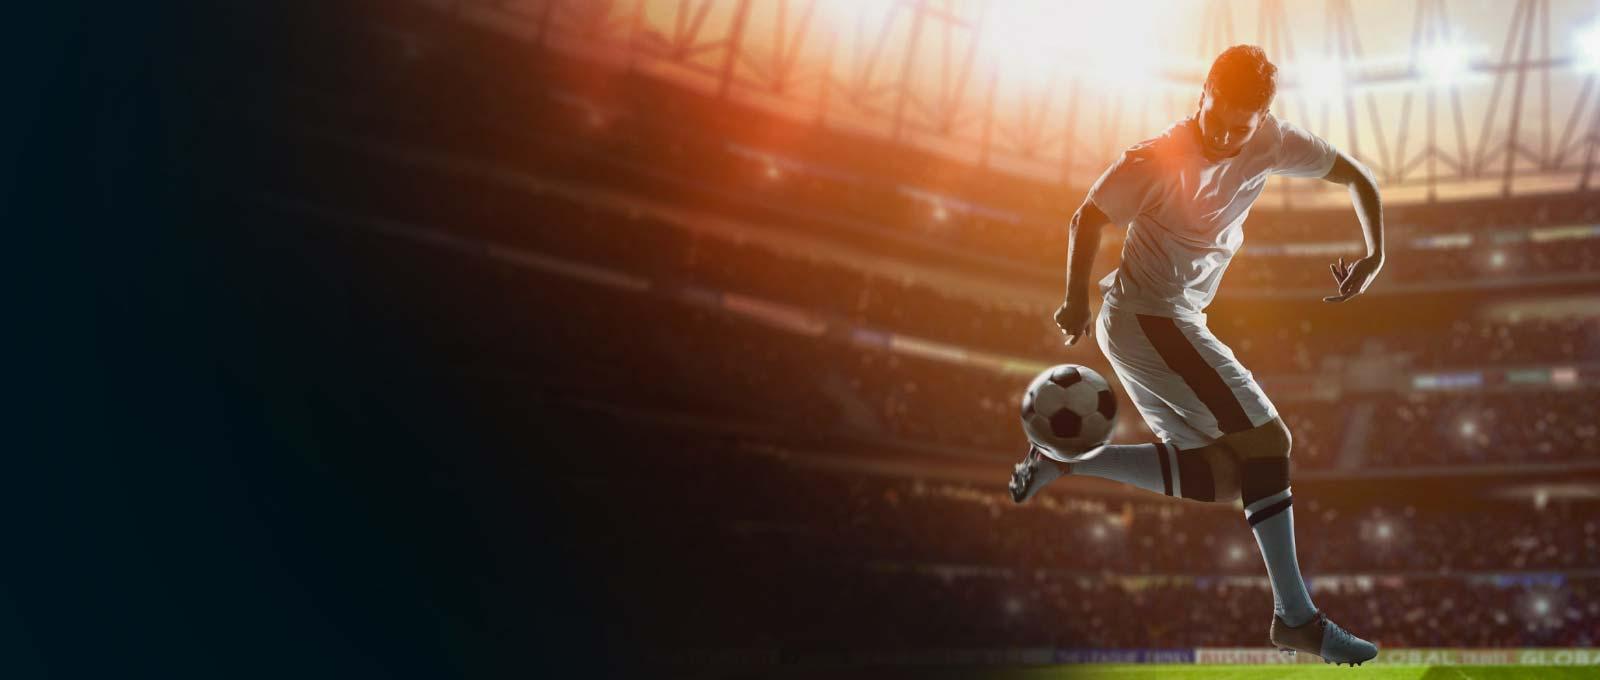 Fastweb e DAZN,  al via la partnership per lo sport